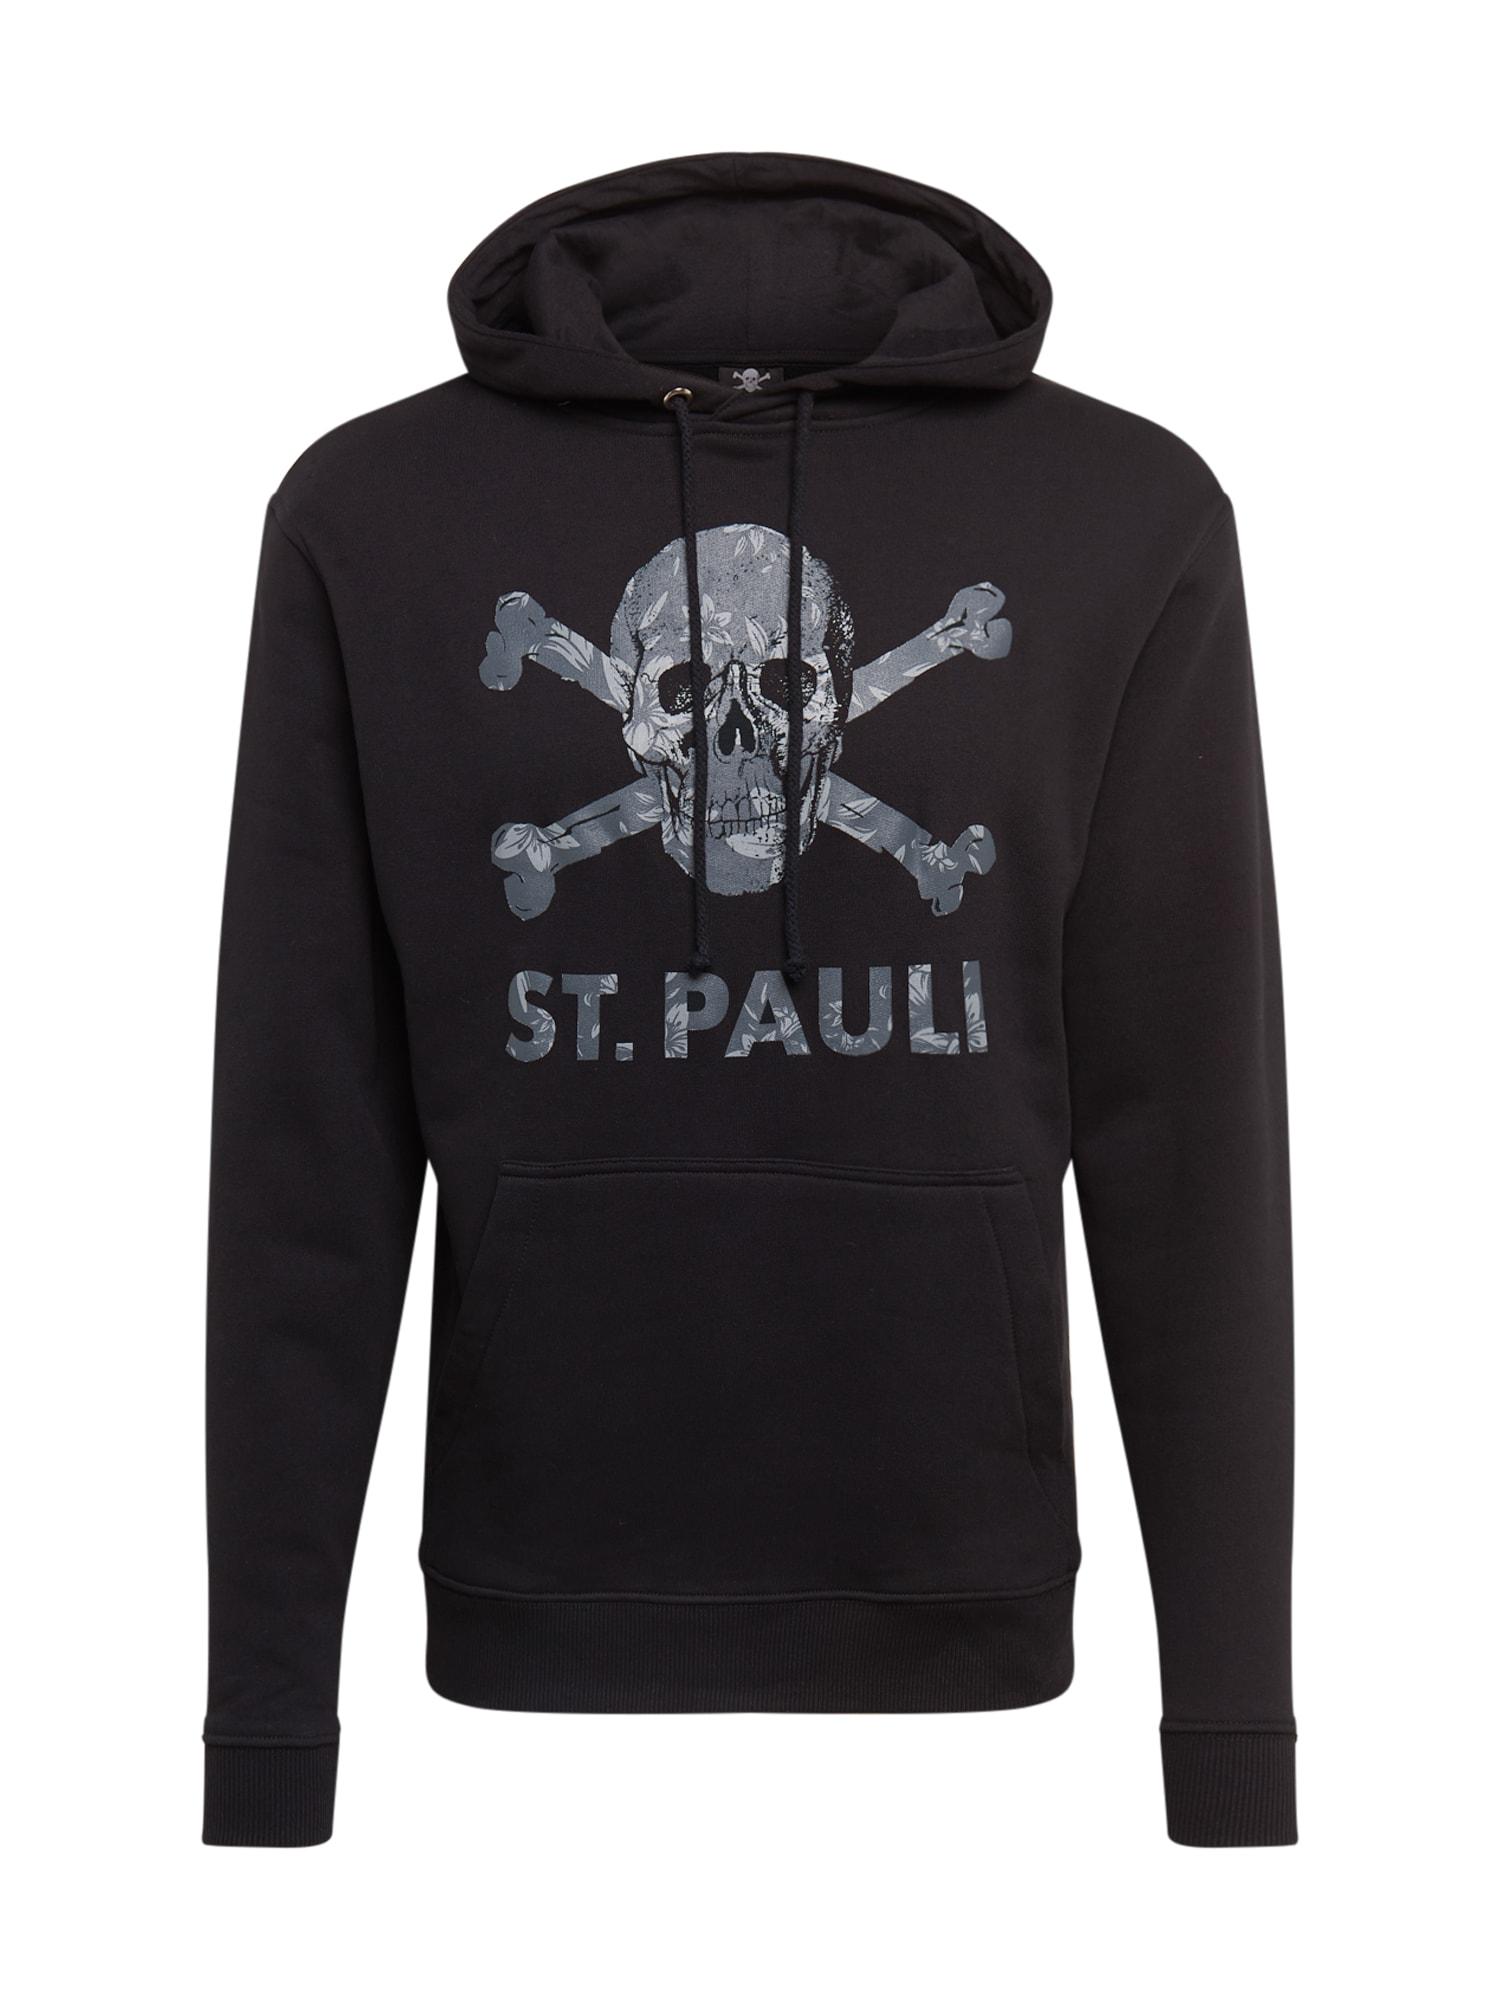 FC St. Pauli Sportinio tipo megztinis juoda / akmens / šviesiai pilka